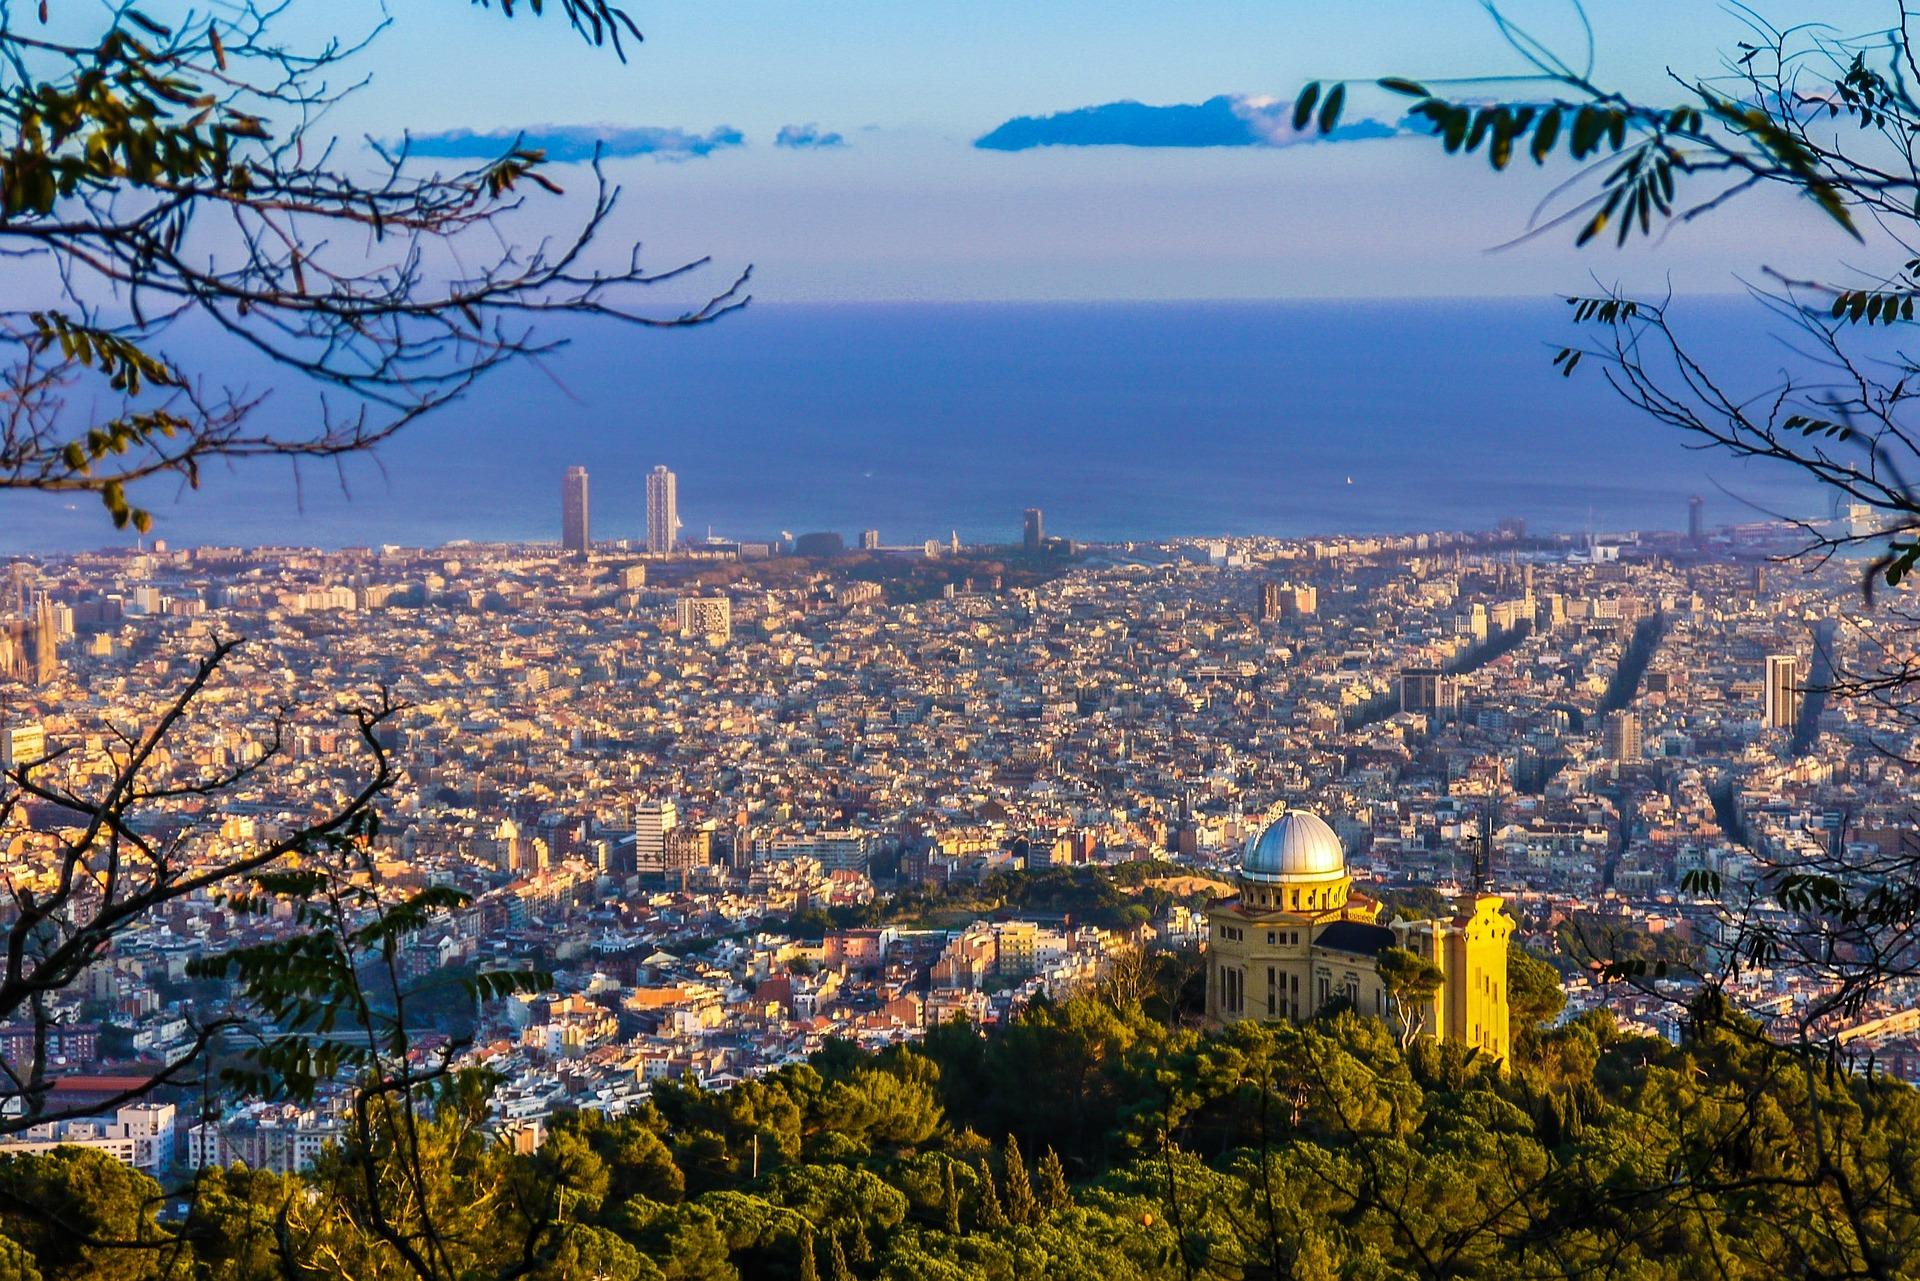 EANM 16 Barcelona